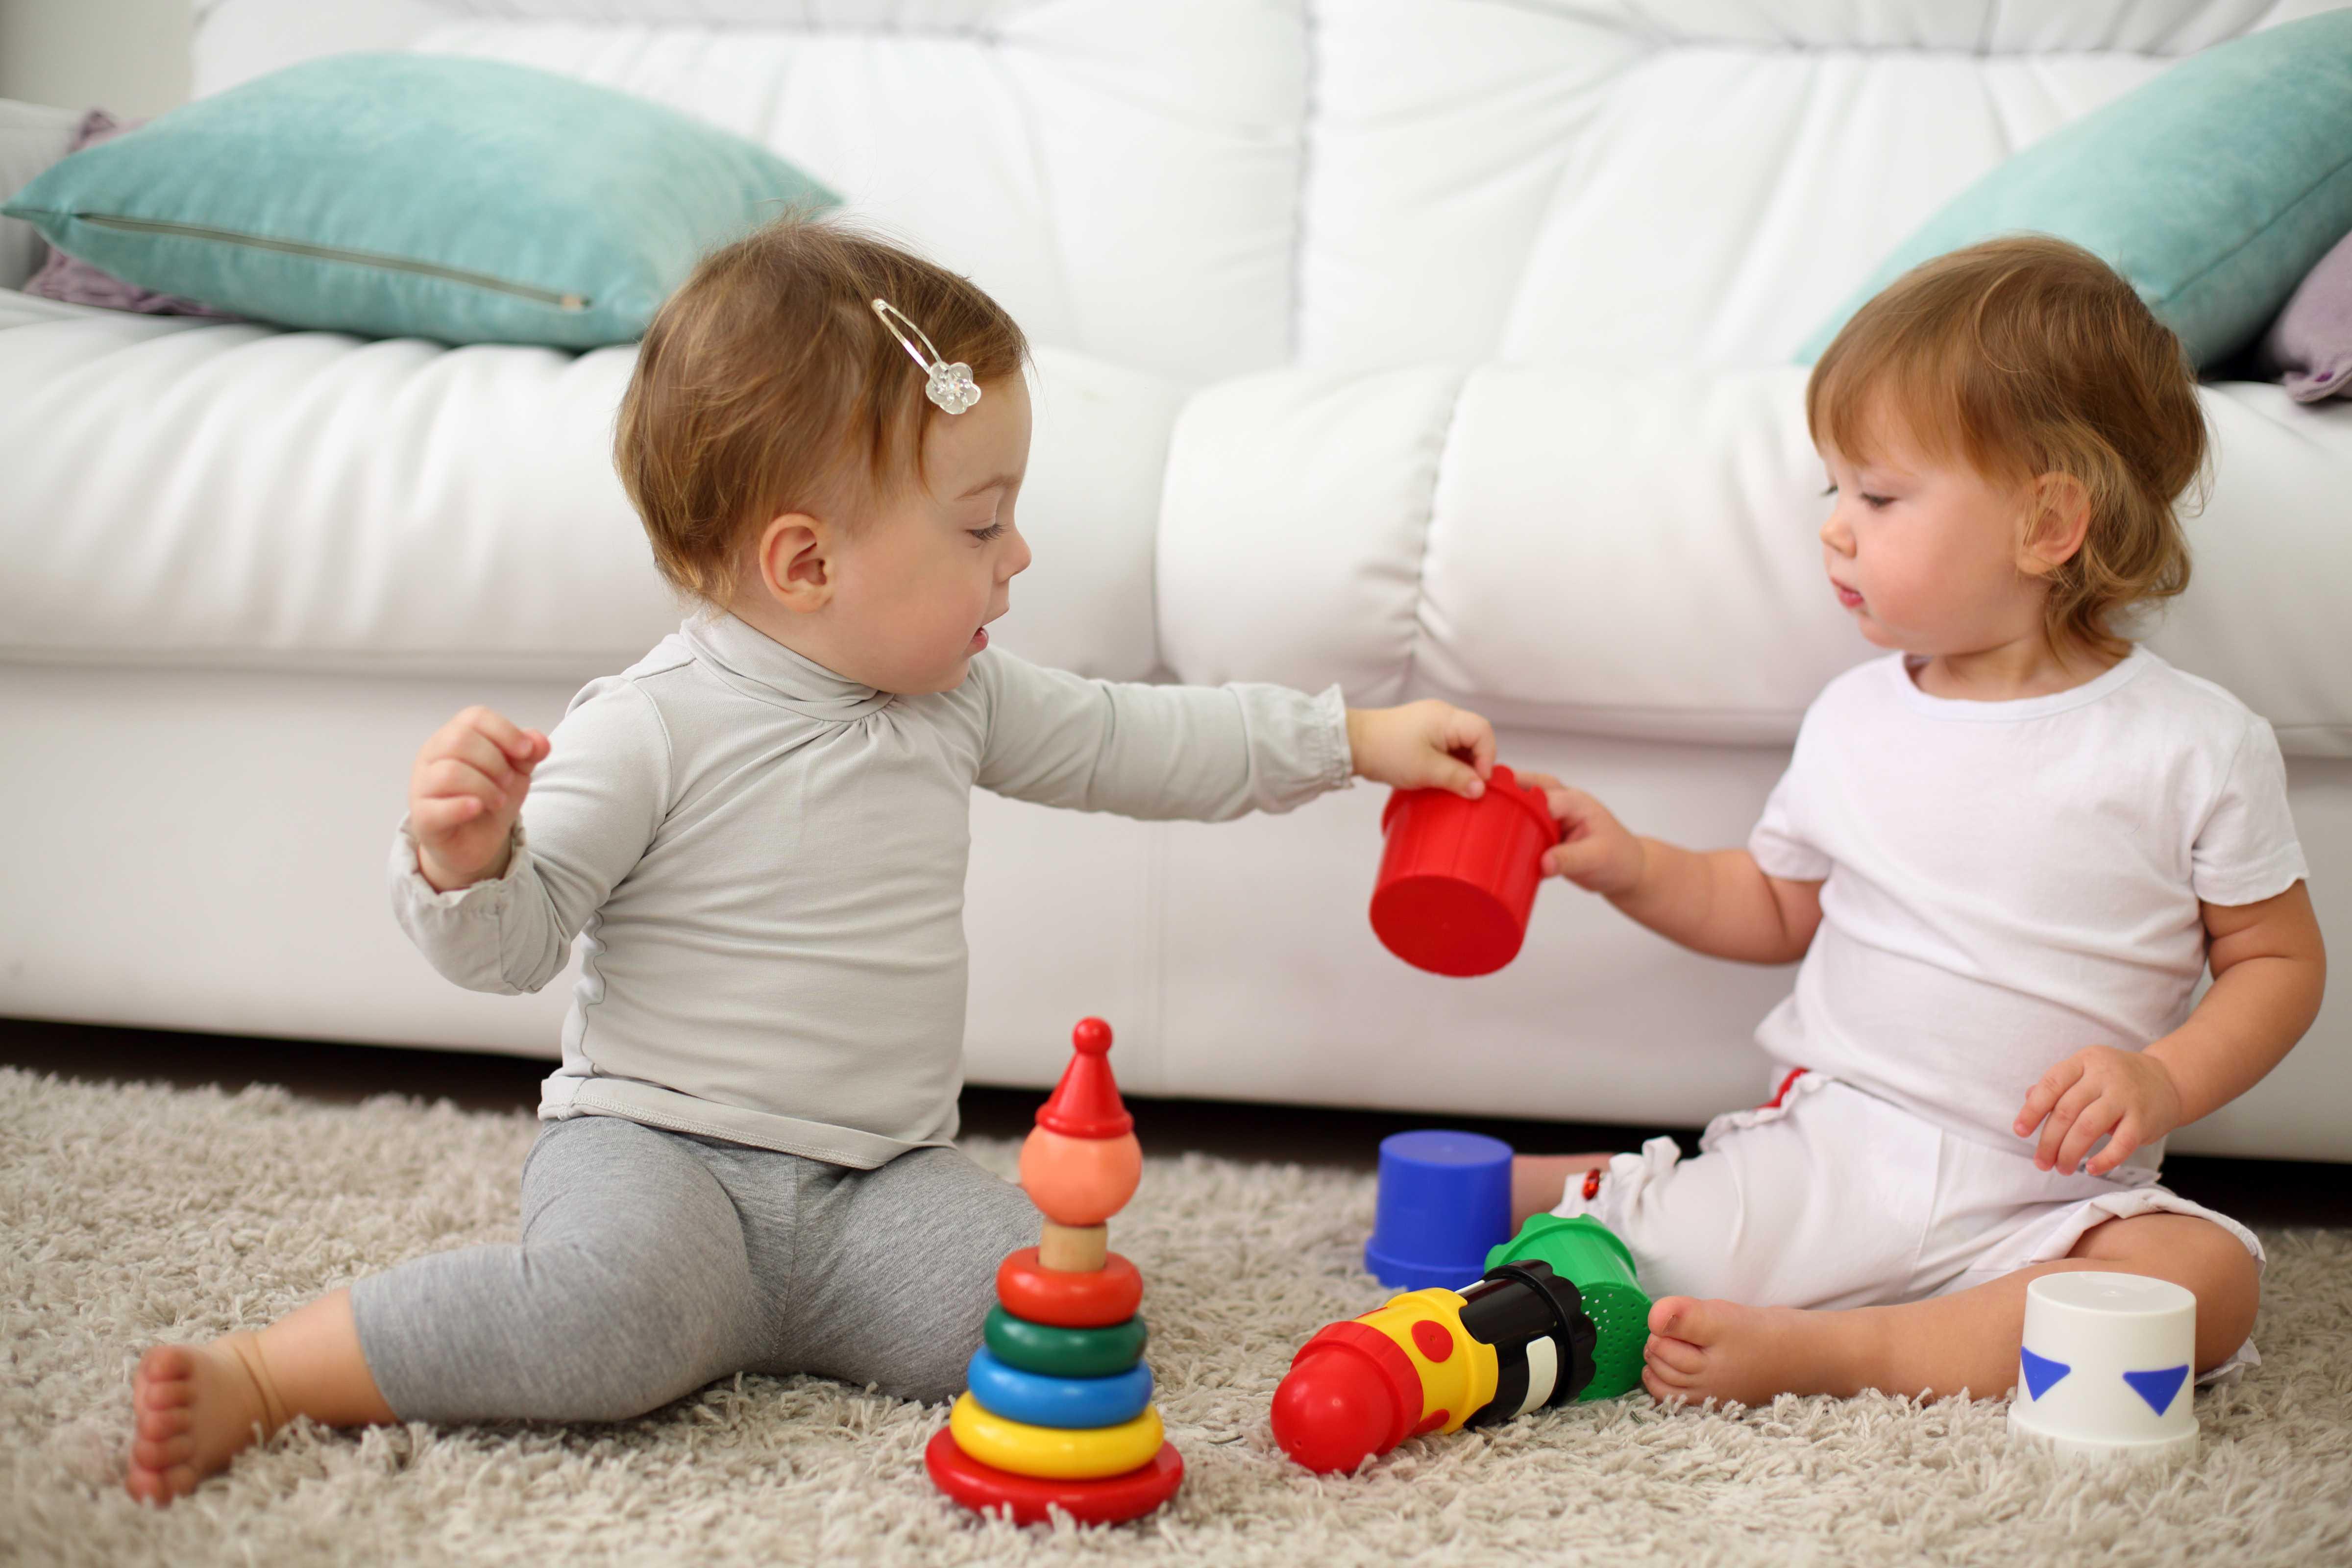 """Должен ли ребенок делиться игрушками? - все статьи  - статьи - """"помощь детям"""" - детская психология для родителей"""